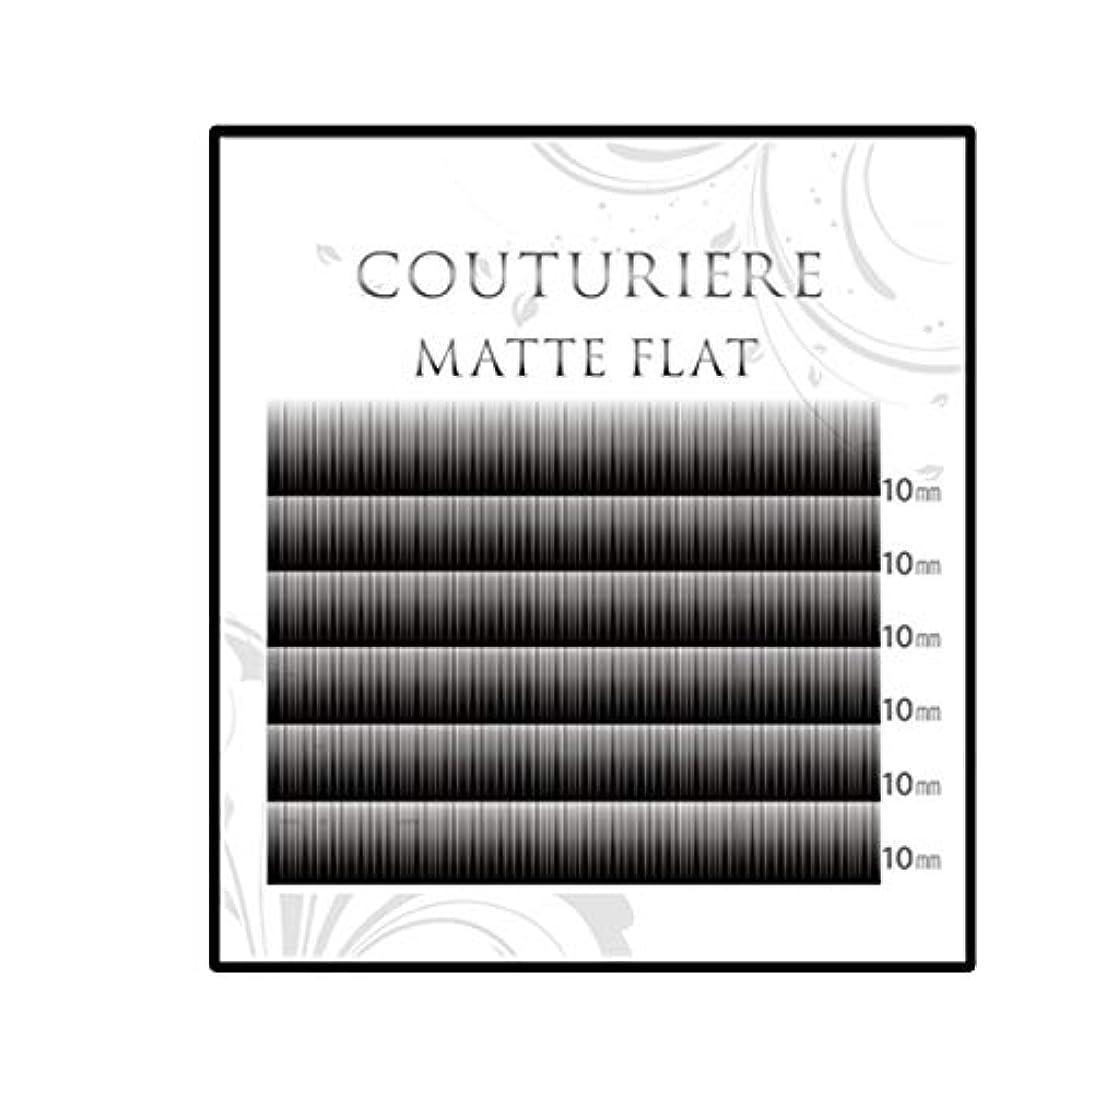 ひどく競うのためクチュリエール マットフラット(2又)(6列) C2カール (0.15mm 6mm)